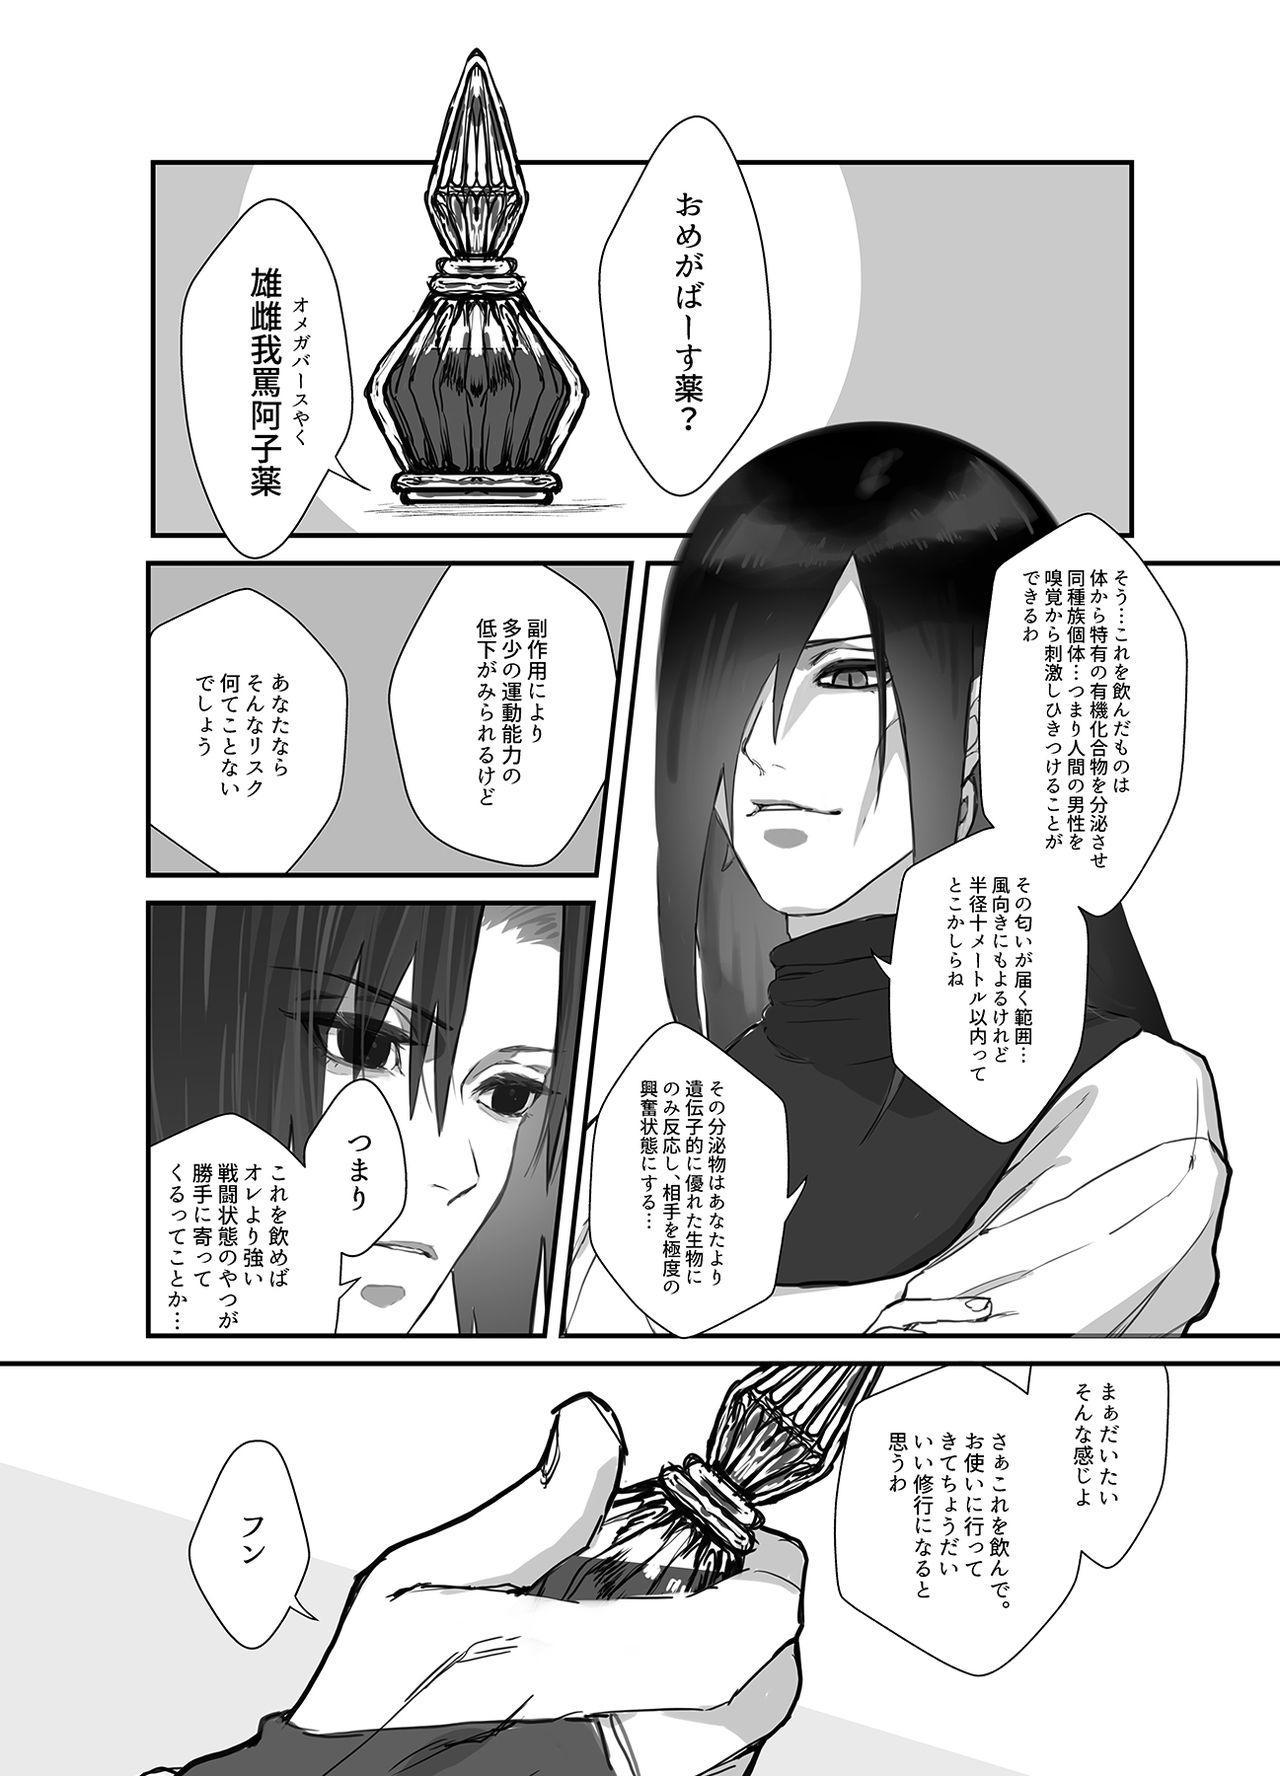 NaruSasu Only Kaisei Omedetougozaimasu! 4